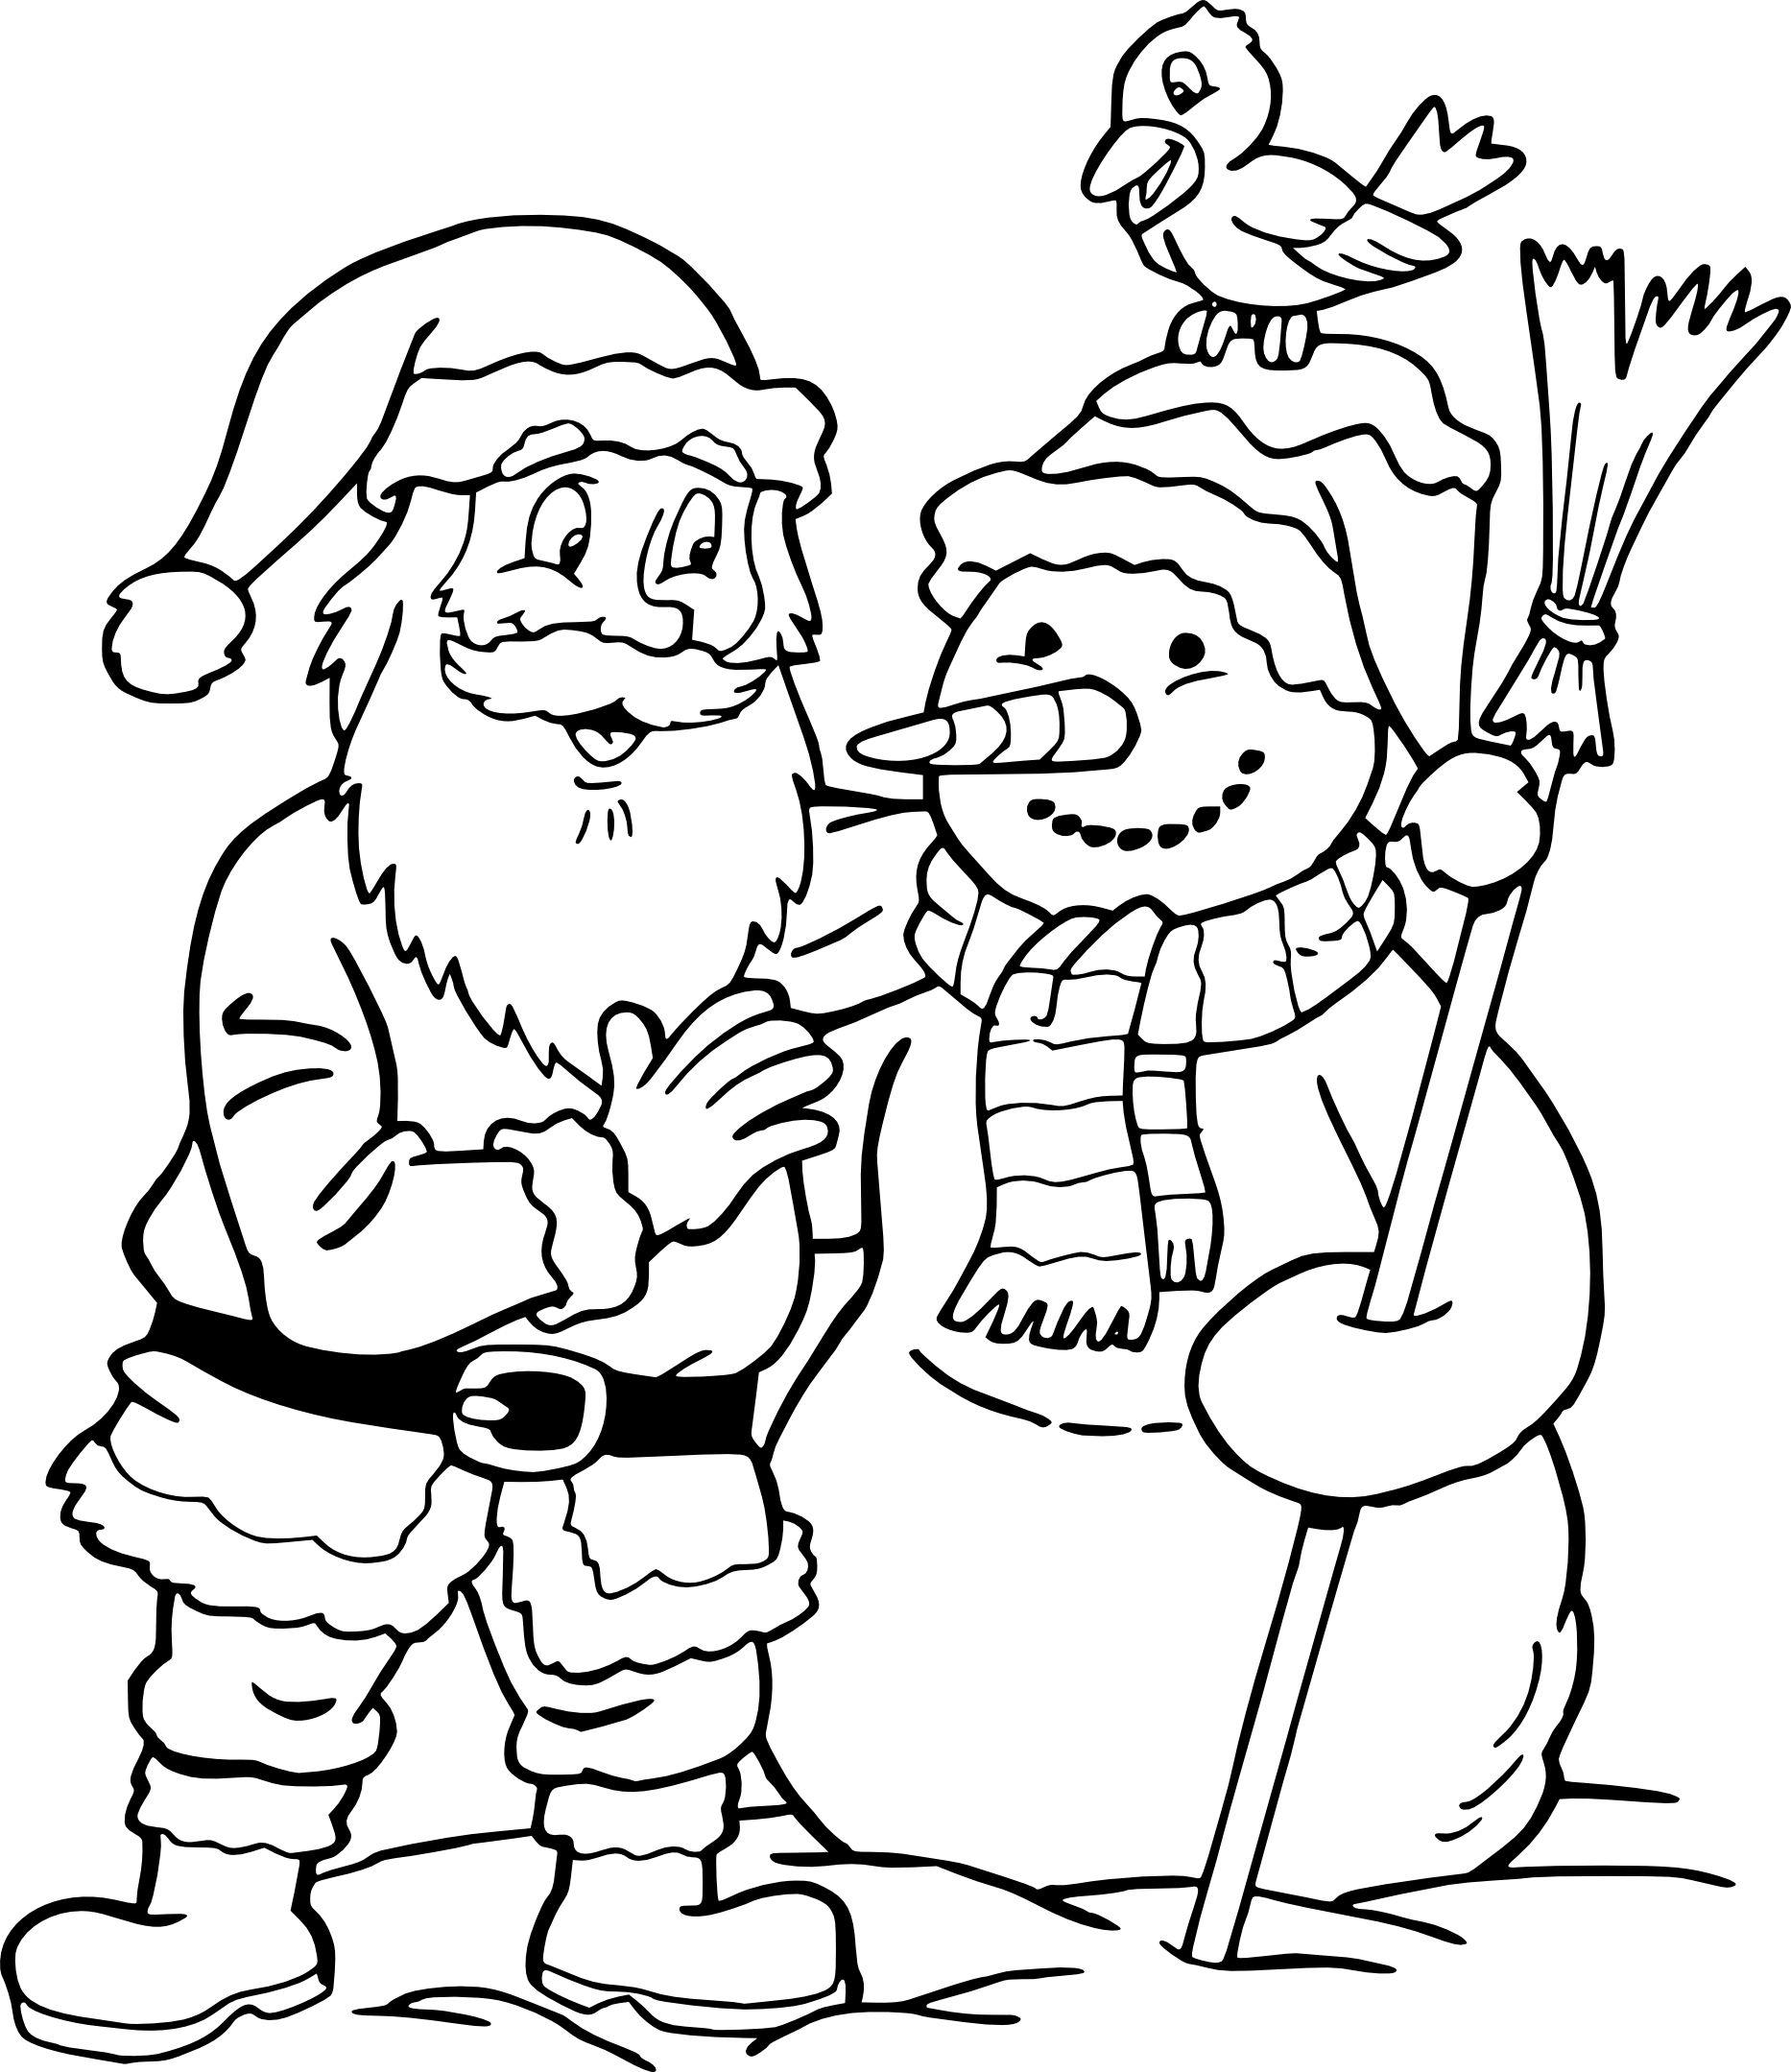 Épinglé Par Blanche Sur Crayon | Pere Noel A Imprimer encequiconcerne Coloriage De Pere Noel A Imprimer Gratuitement